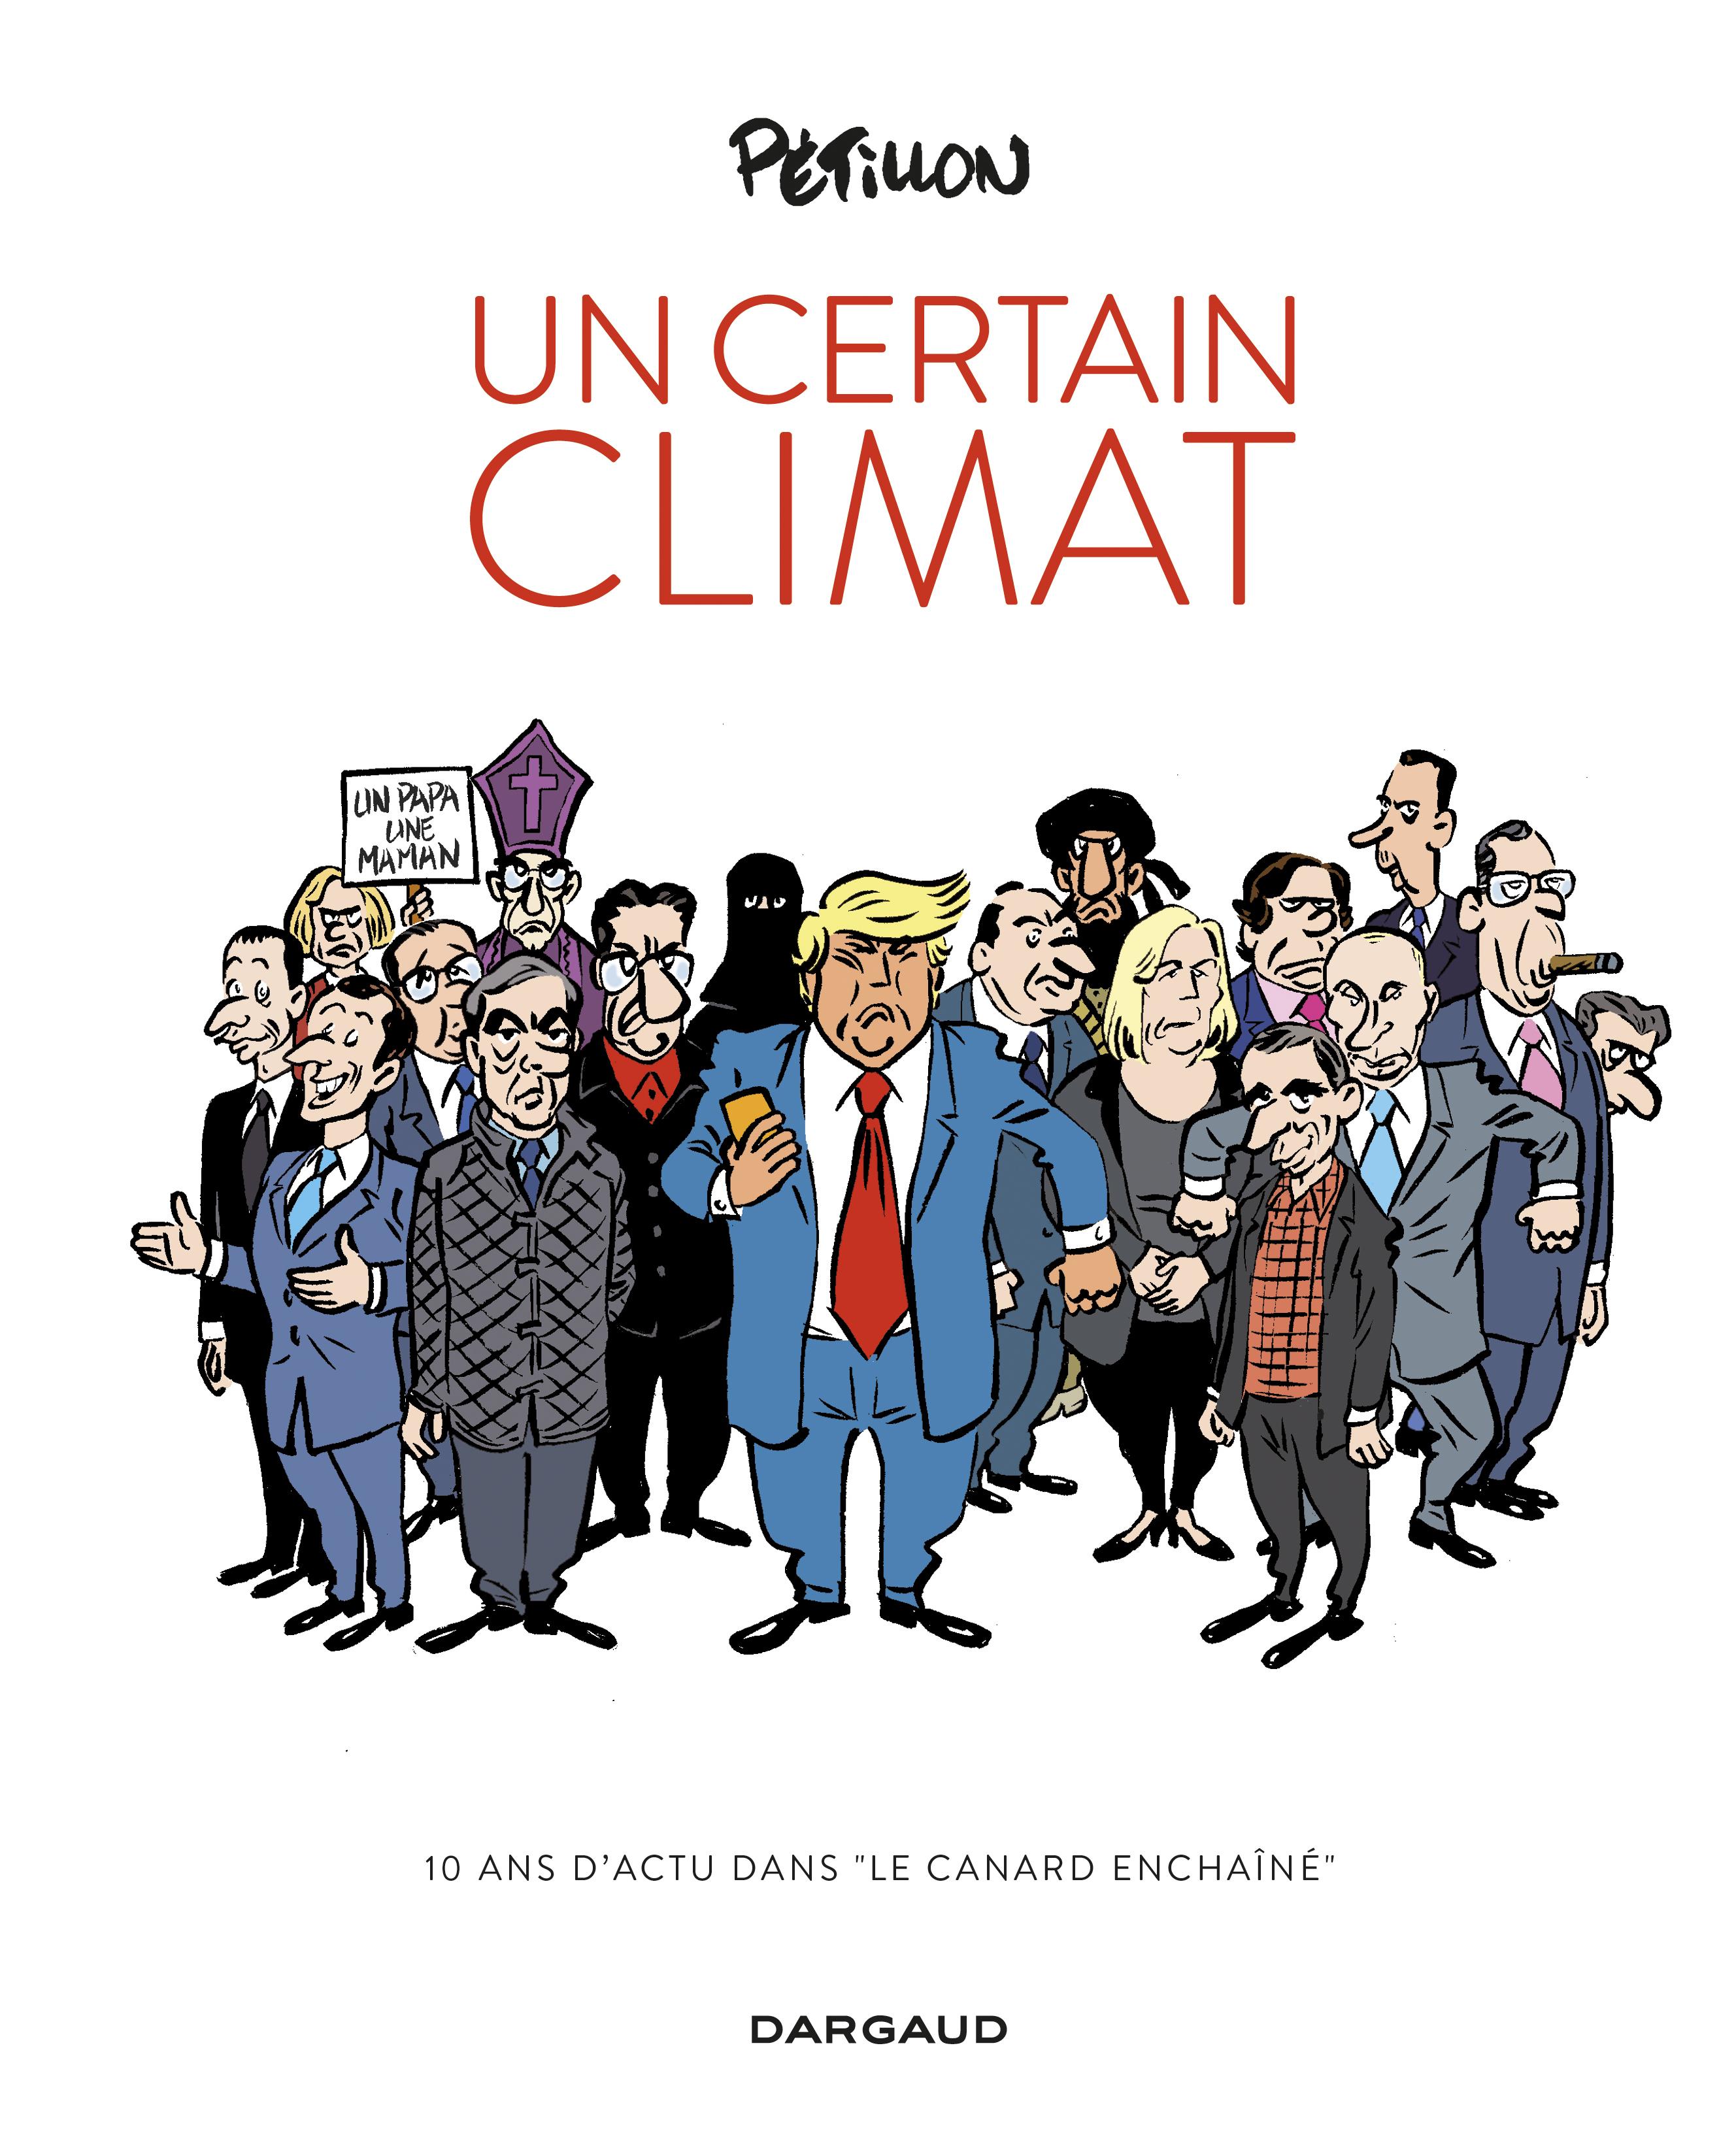 UN CERTAIN CLIMAT UN CERTAIN CLIMAT